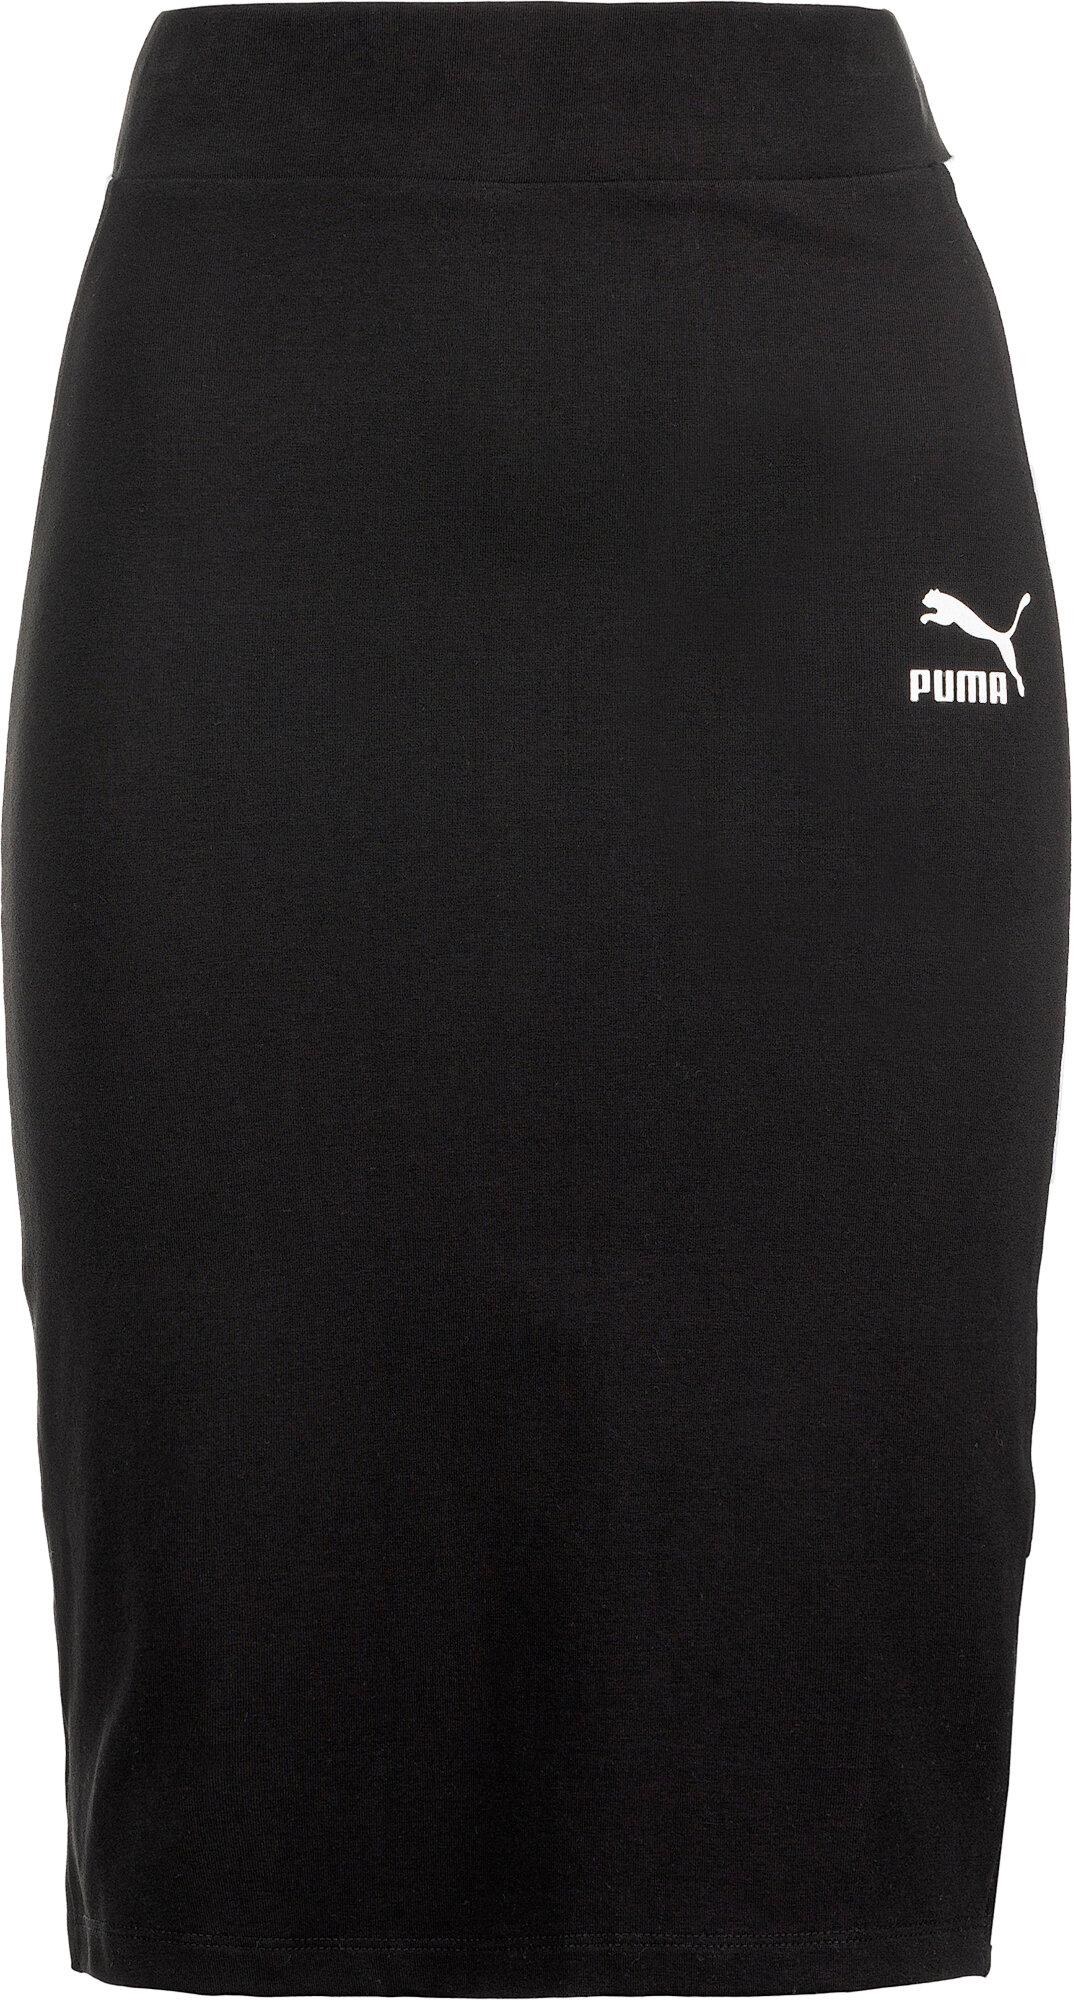 Юбка женская Puma Classics, размер 40-42